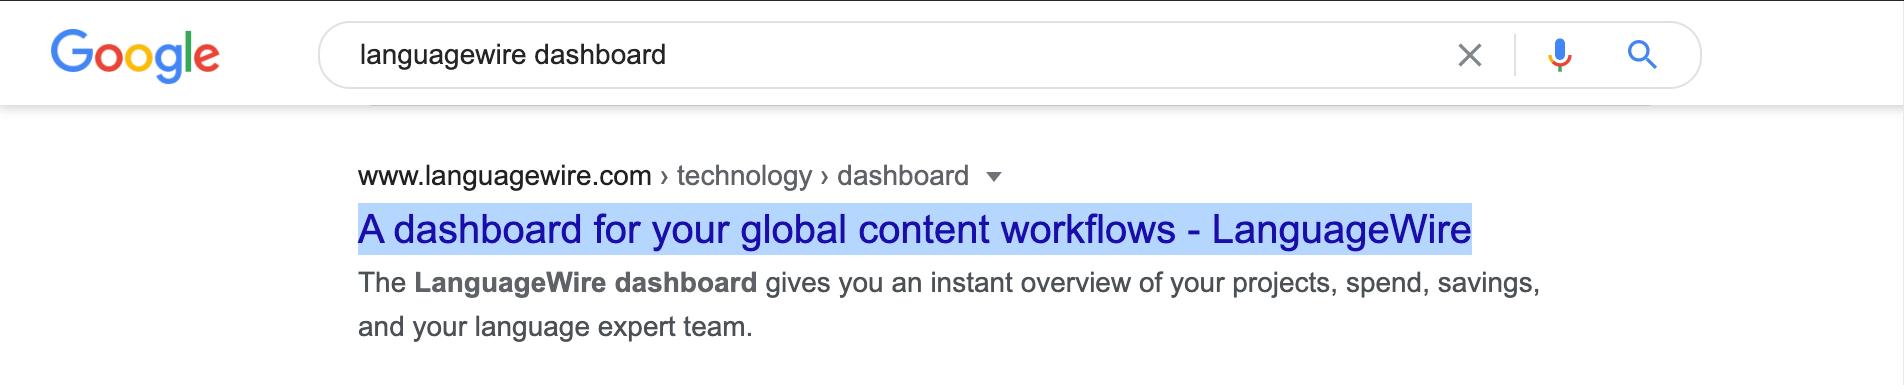 Beispiel für einen Meta-Titel auf Google